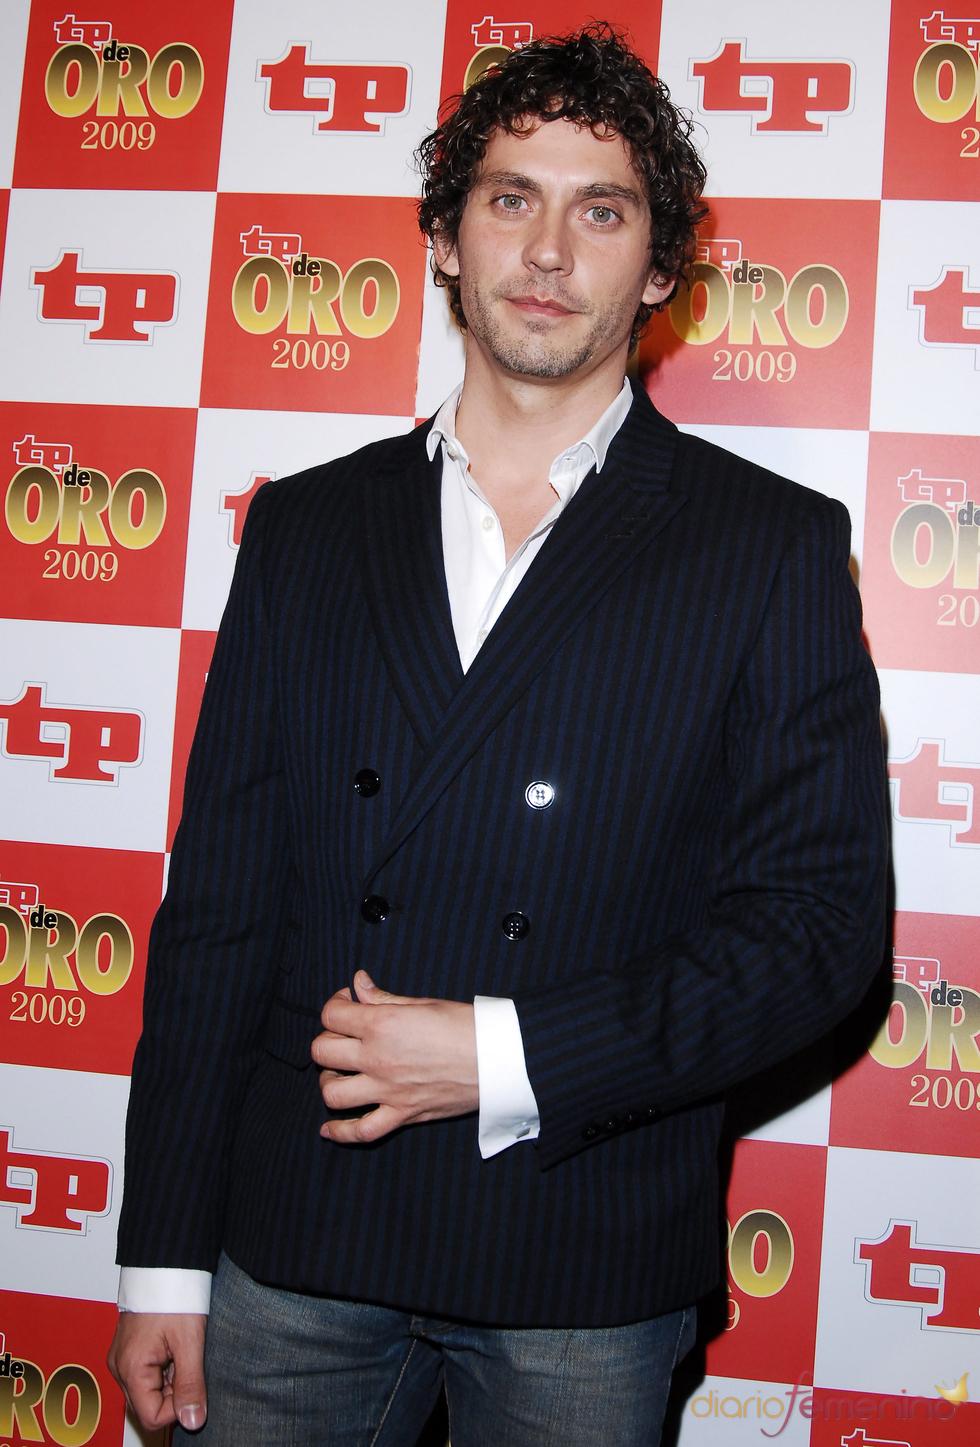 Premios TP de Oro 2009: Paco León